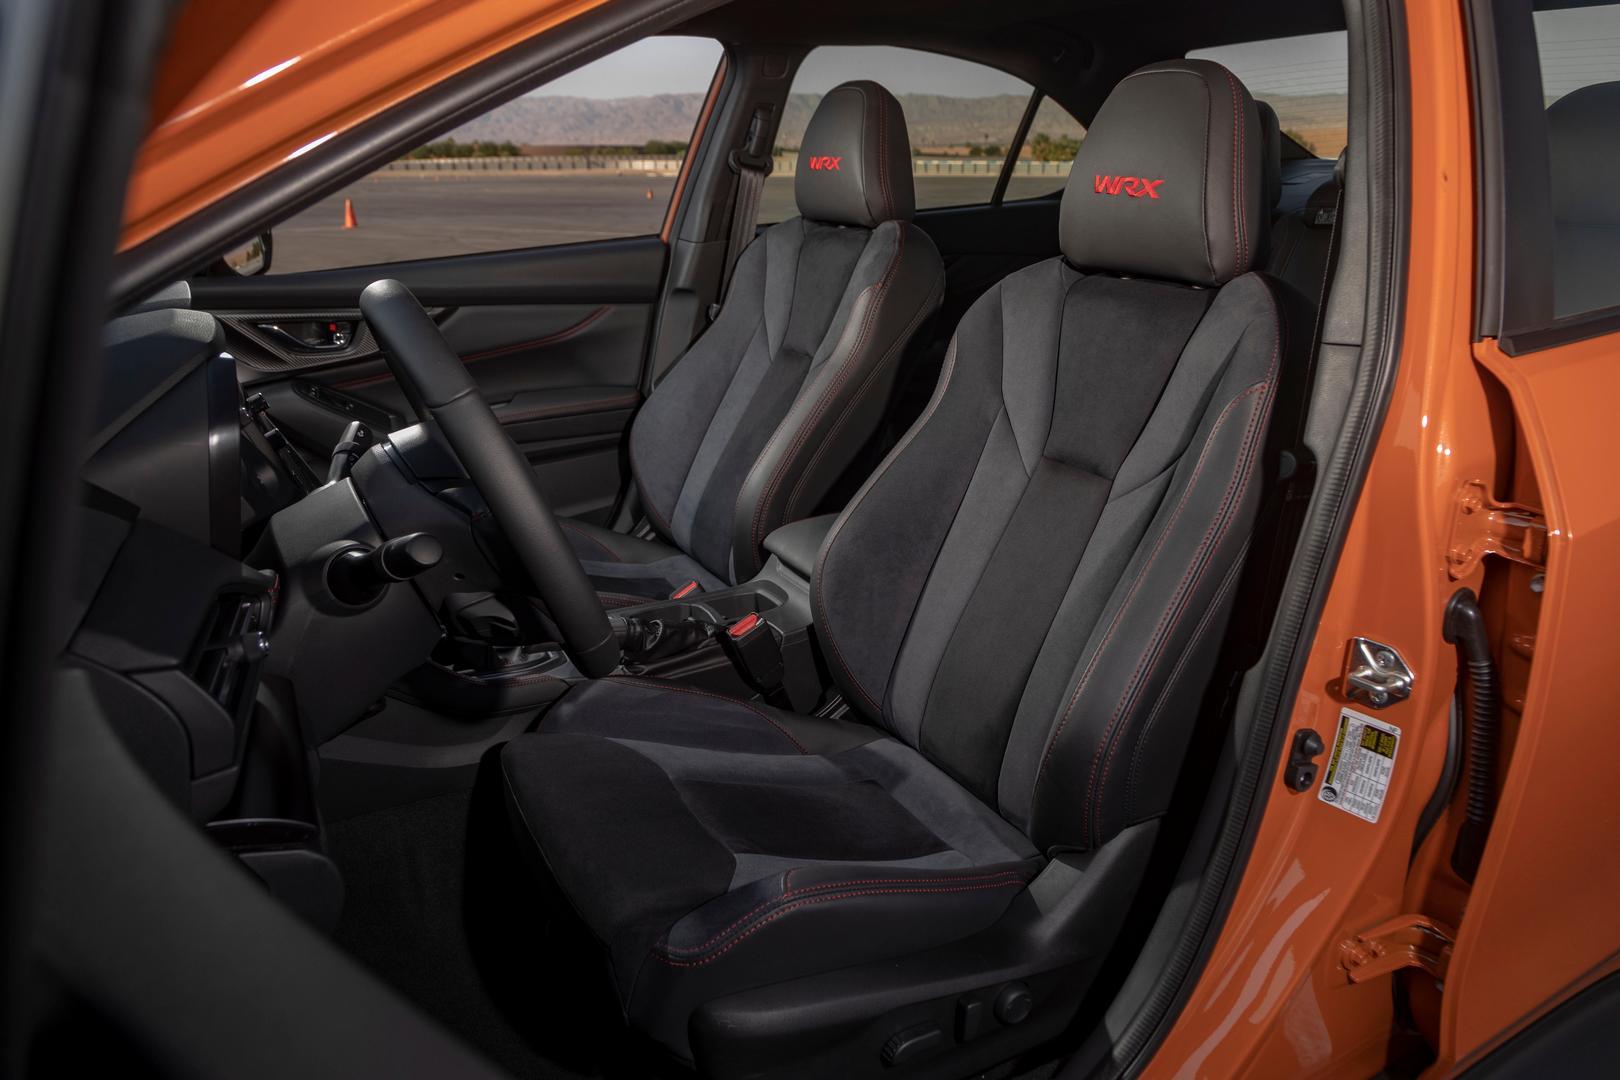 2022 Subaru WRX recaro seats